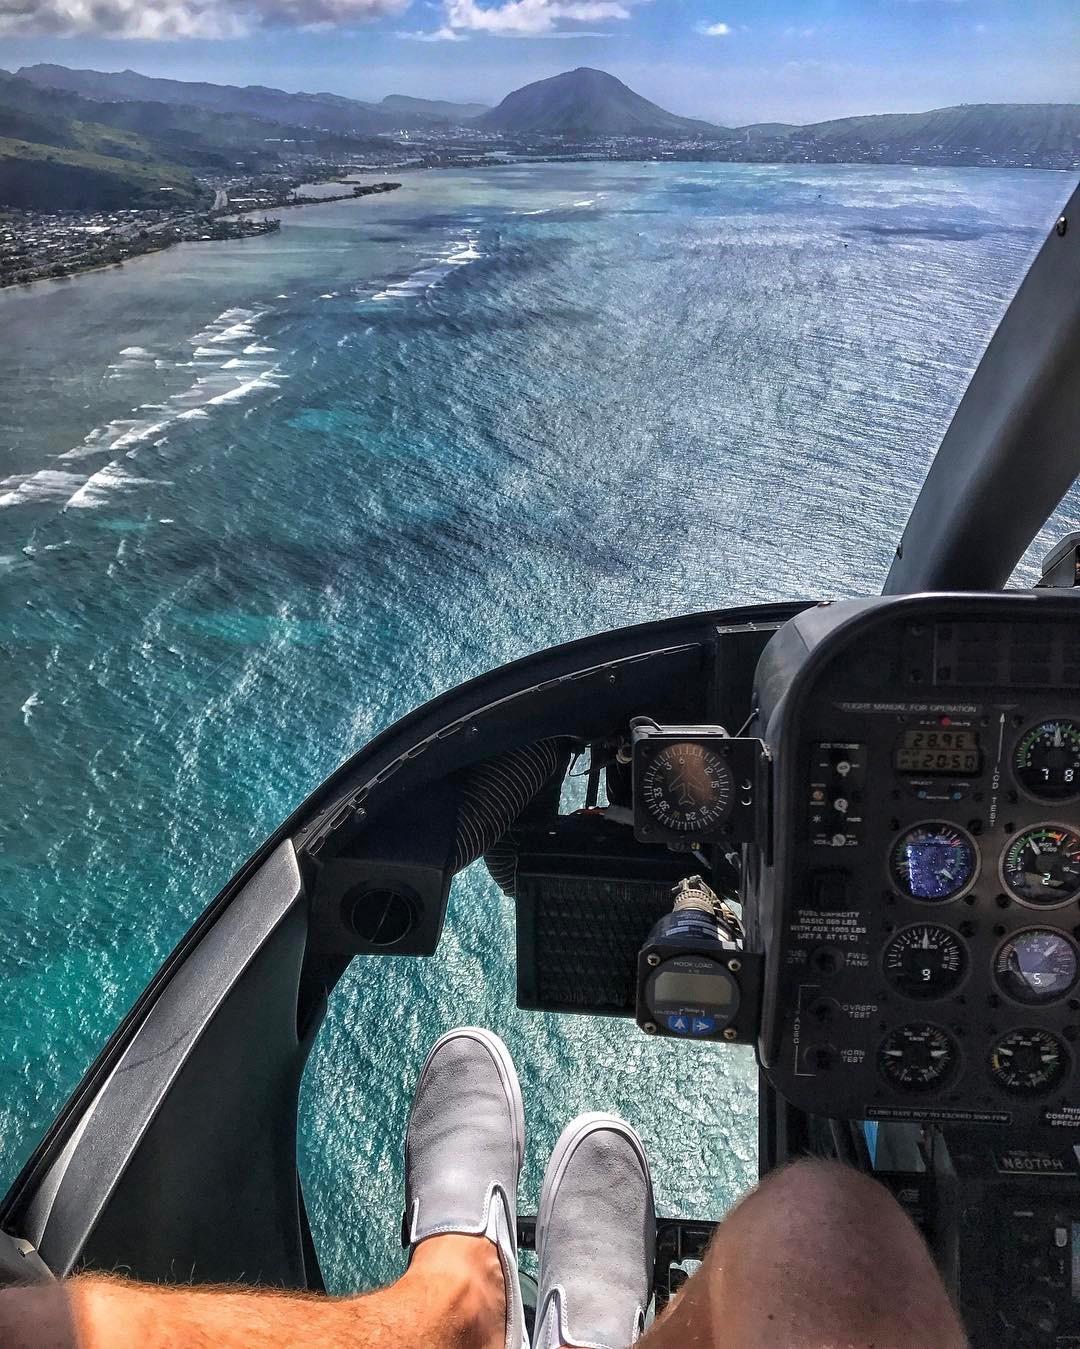 【精品小团】夏威夷9天,徒步深入活火山,观璀璨星空银河倒泻,夜潜邂逅魔鬼鱼,黑沙滩偶遇绿海龟,自选全球十大跳伞圣地跳伞,万米观星台看云海日落